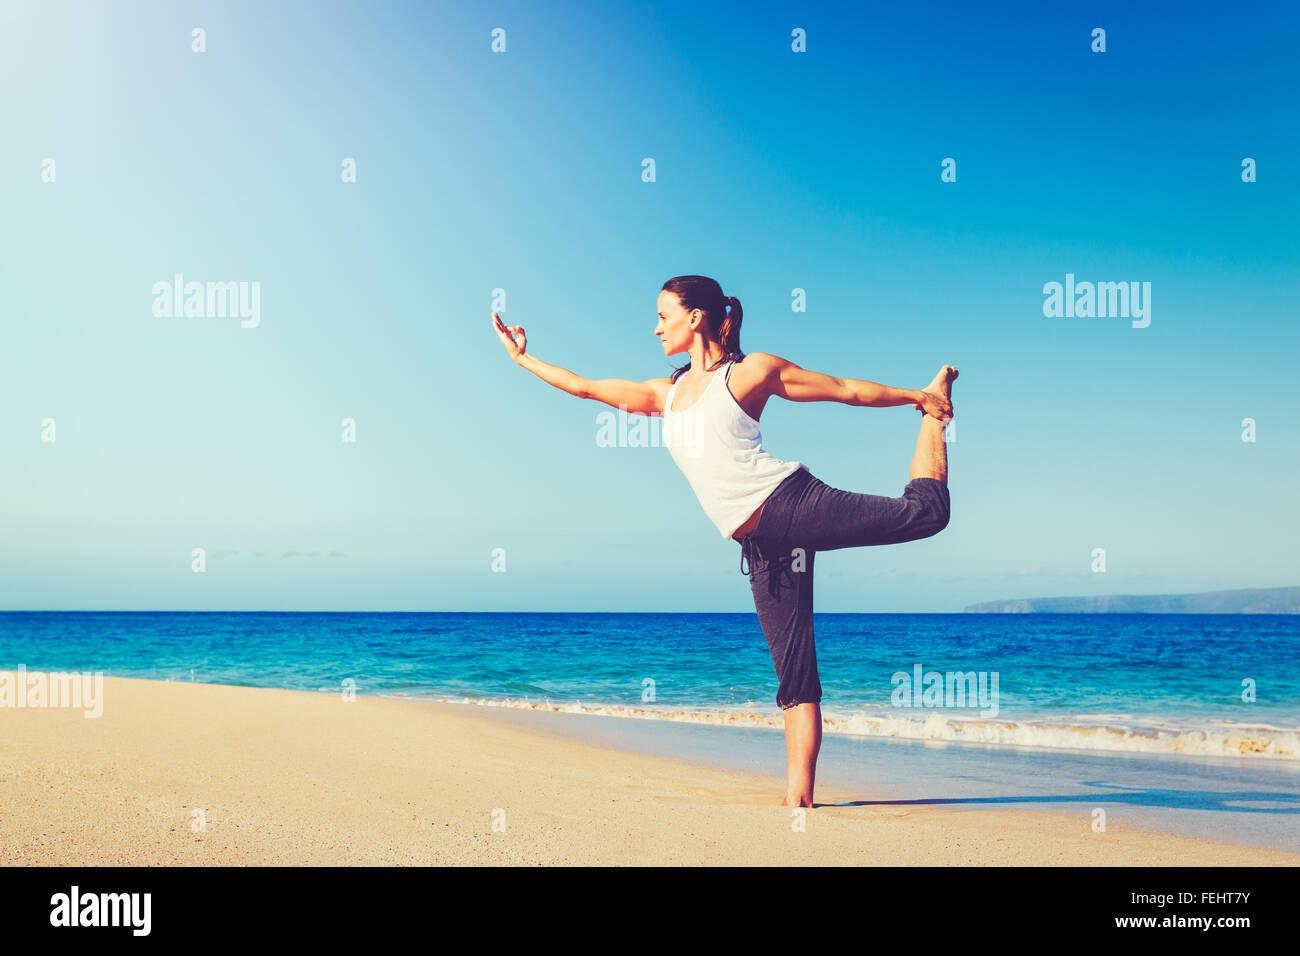 Concepto de estilo de vida saludable, hermosa joven estiramiento practicando yoga en la playa Imagen De Stock